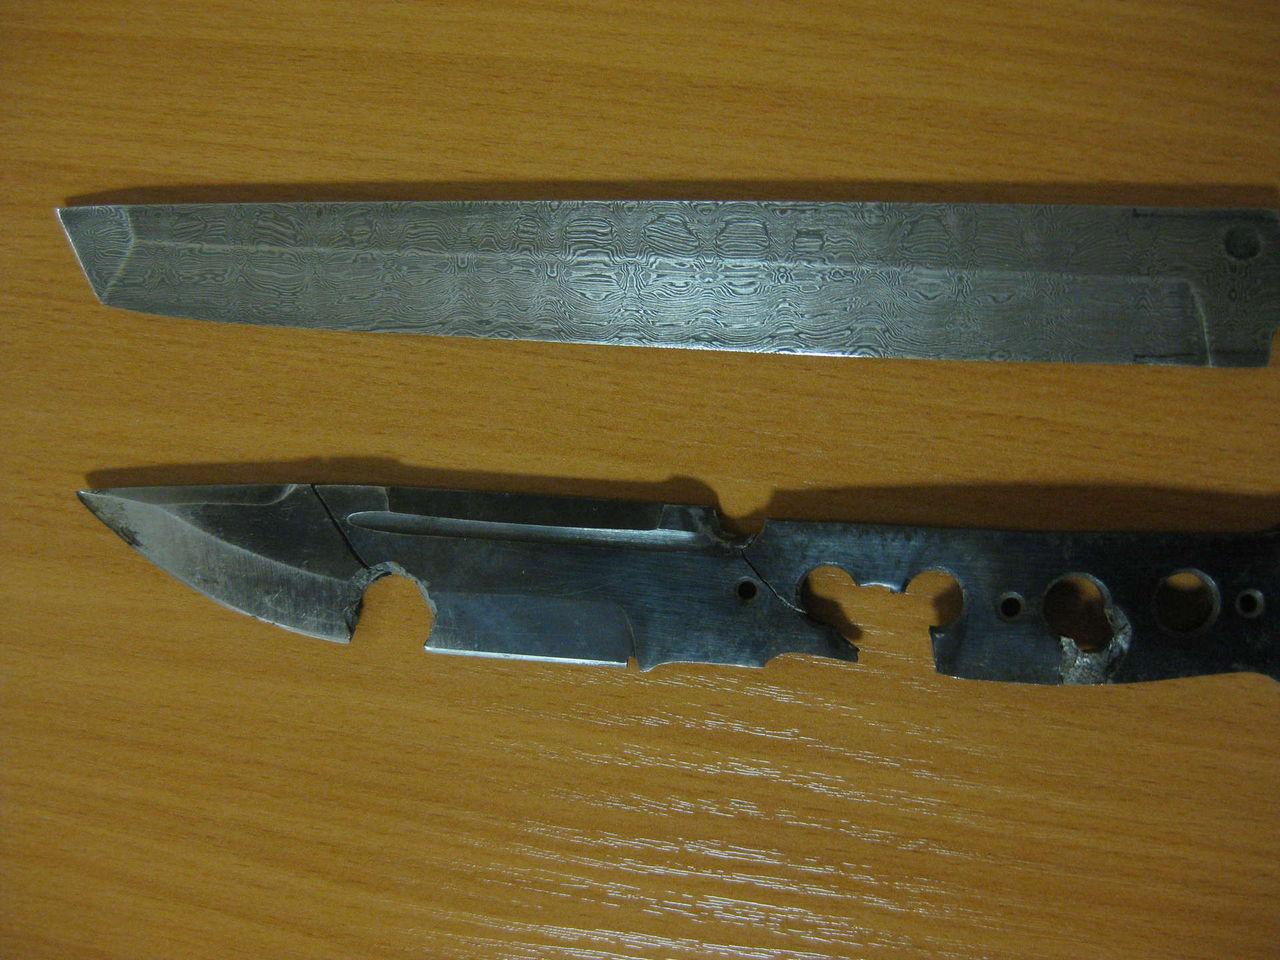 Как легко и просто изготовить метательный нож? 99